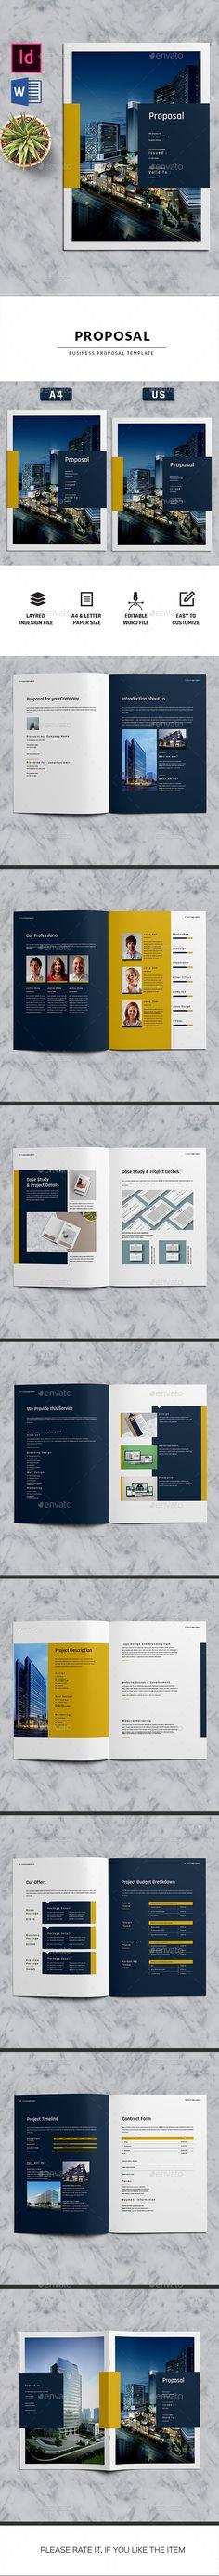 #Proposal - #Corporate #Brochures